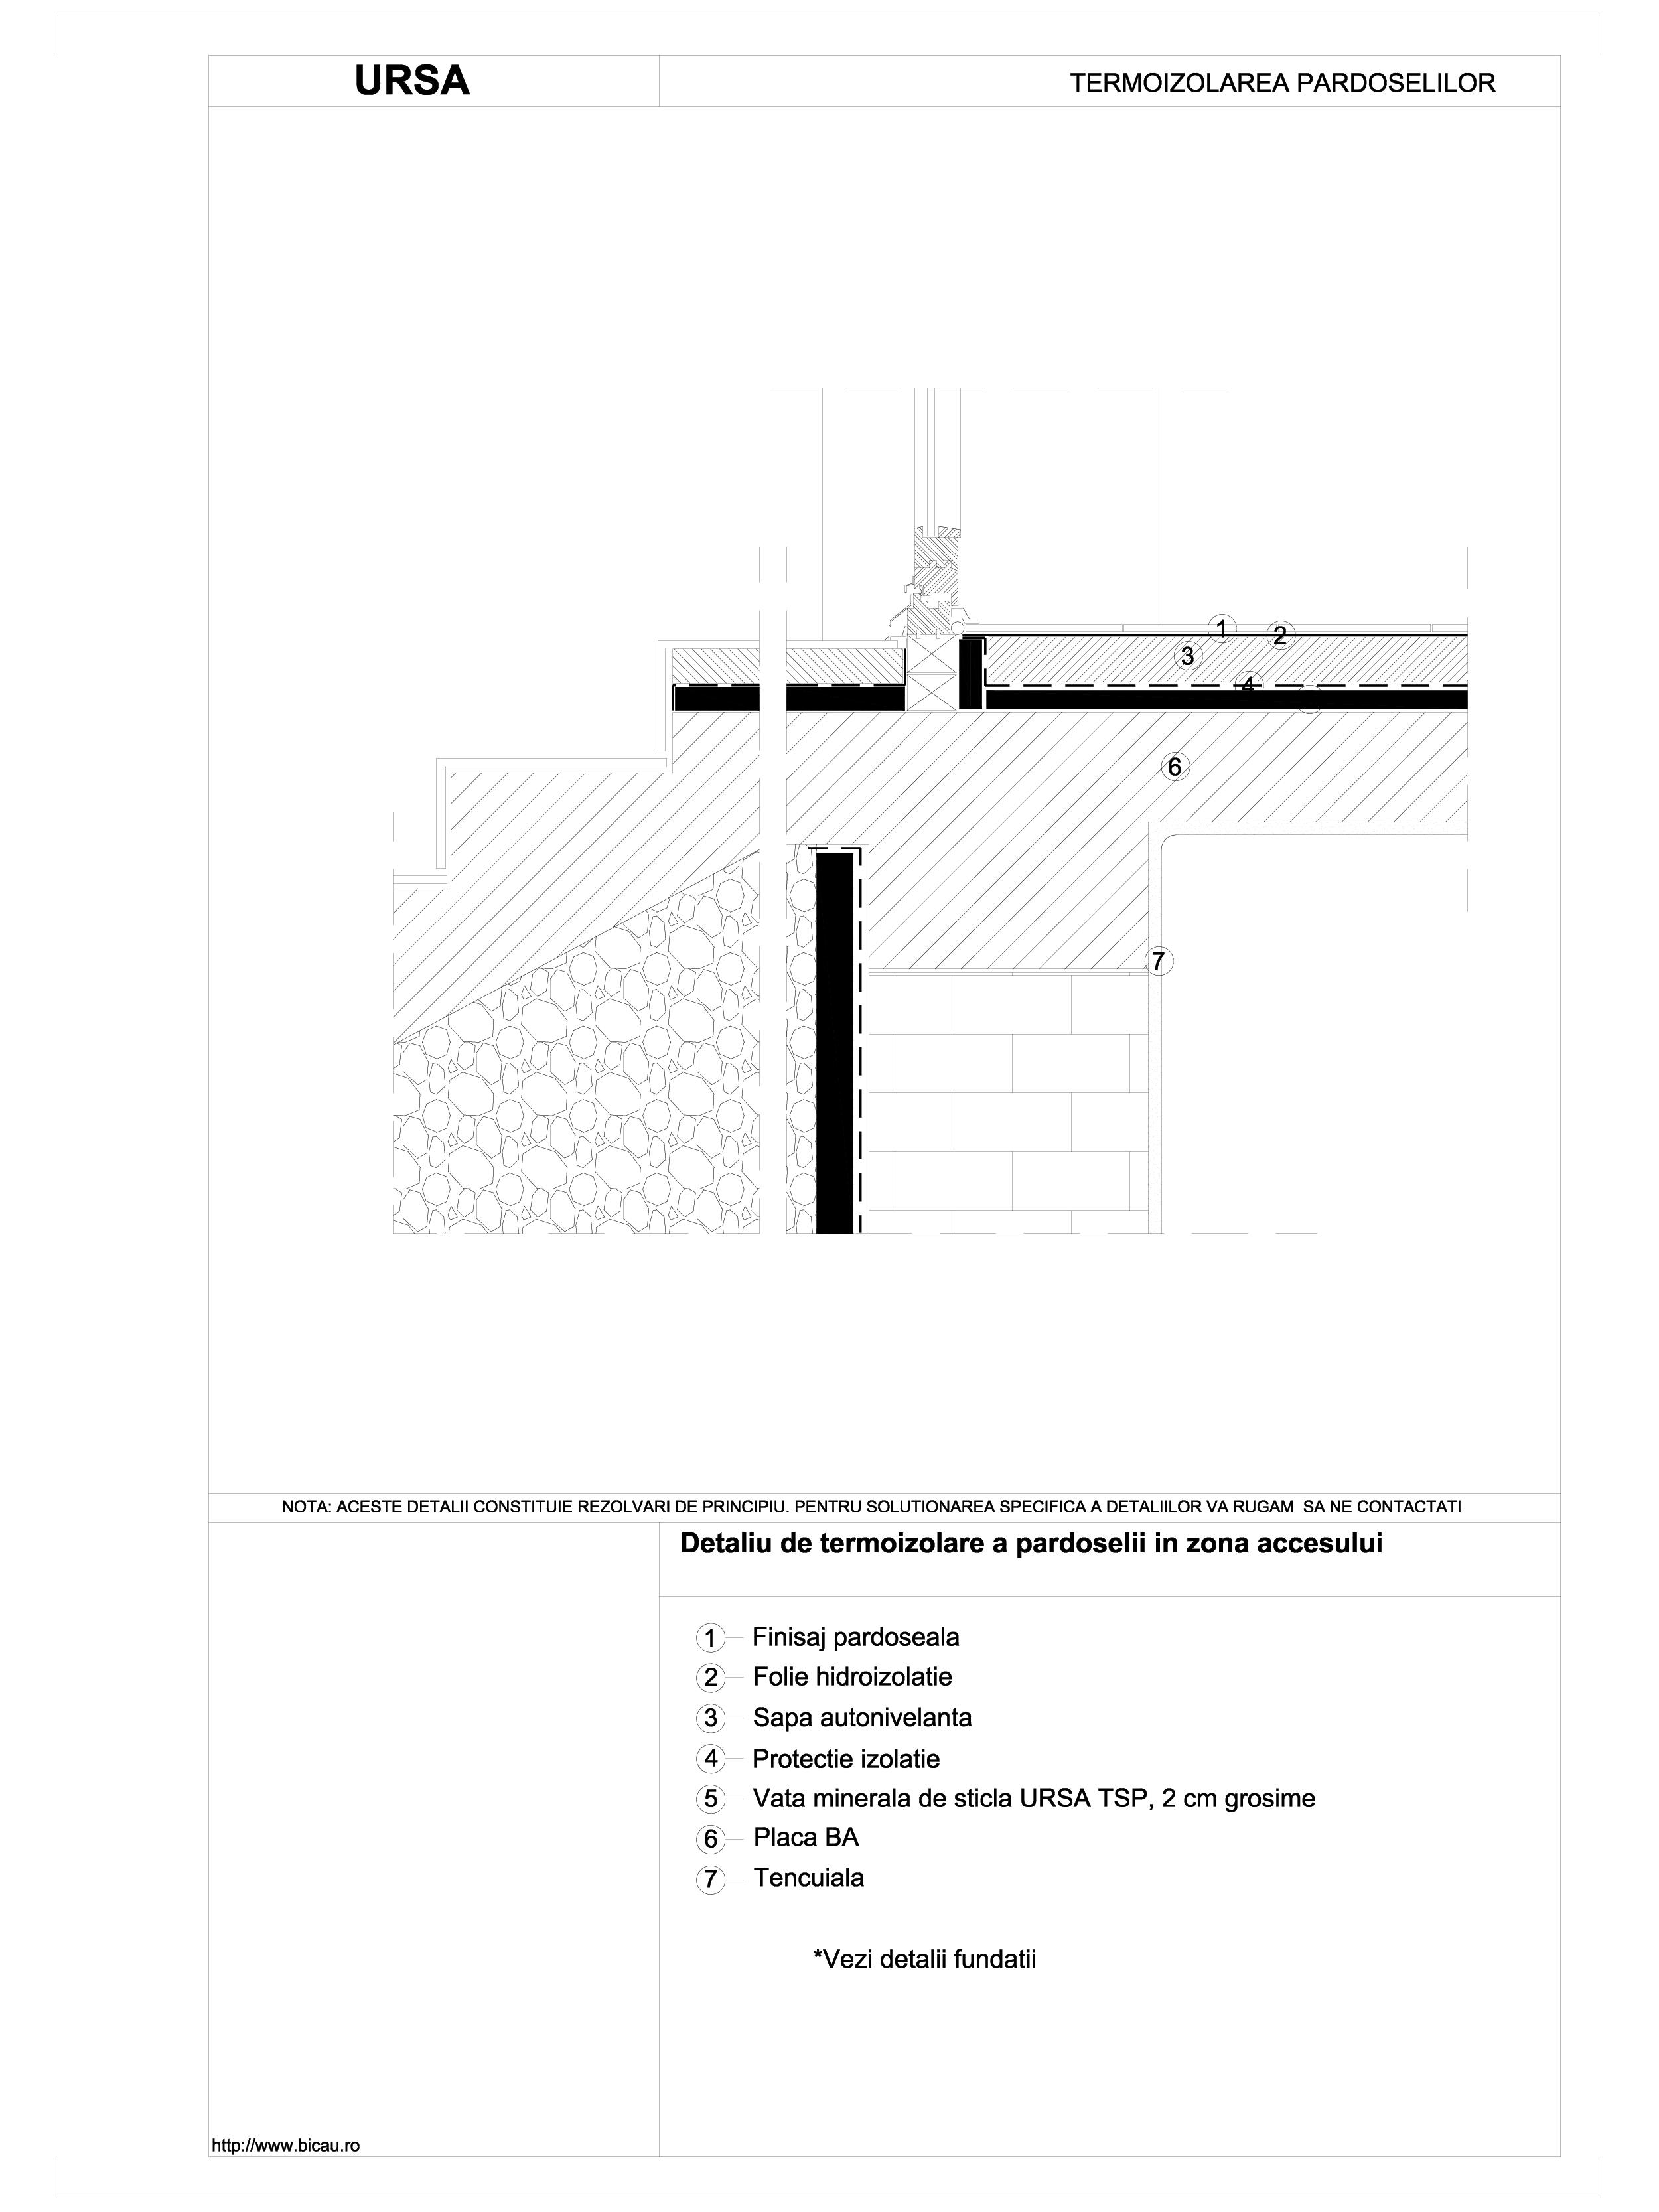 Detaliu de termoizolare a pardoselii in zona accesului TSP URSA Vata minerala pentru pardoseli URSA ROMANIA   - Pagina 1